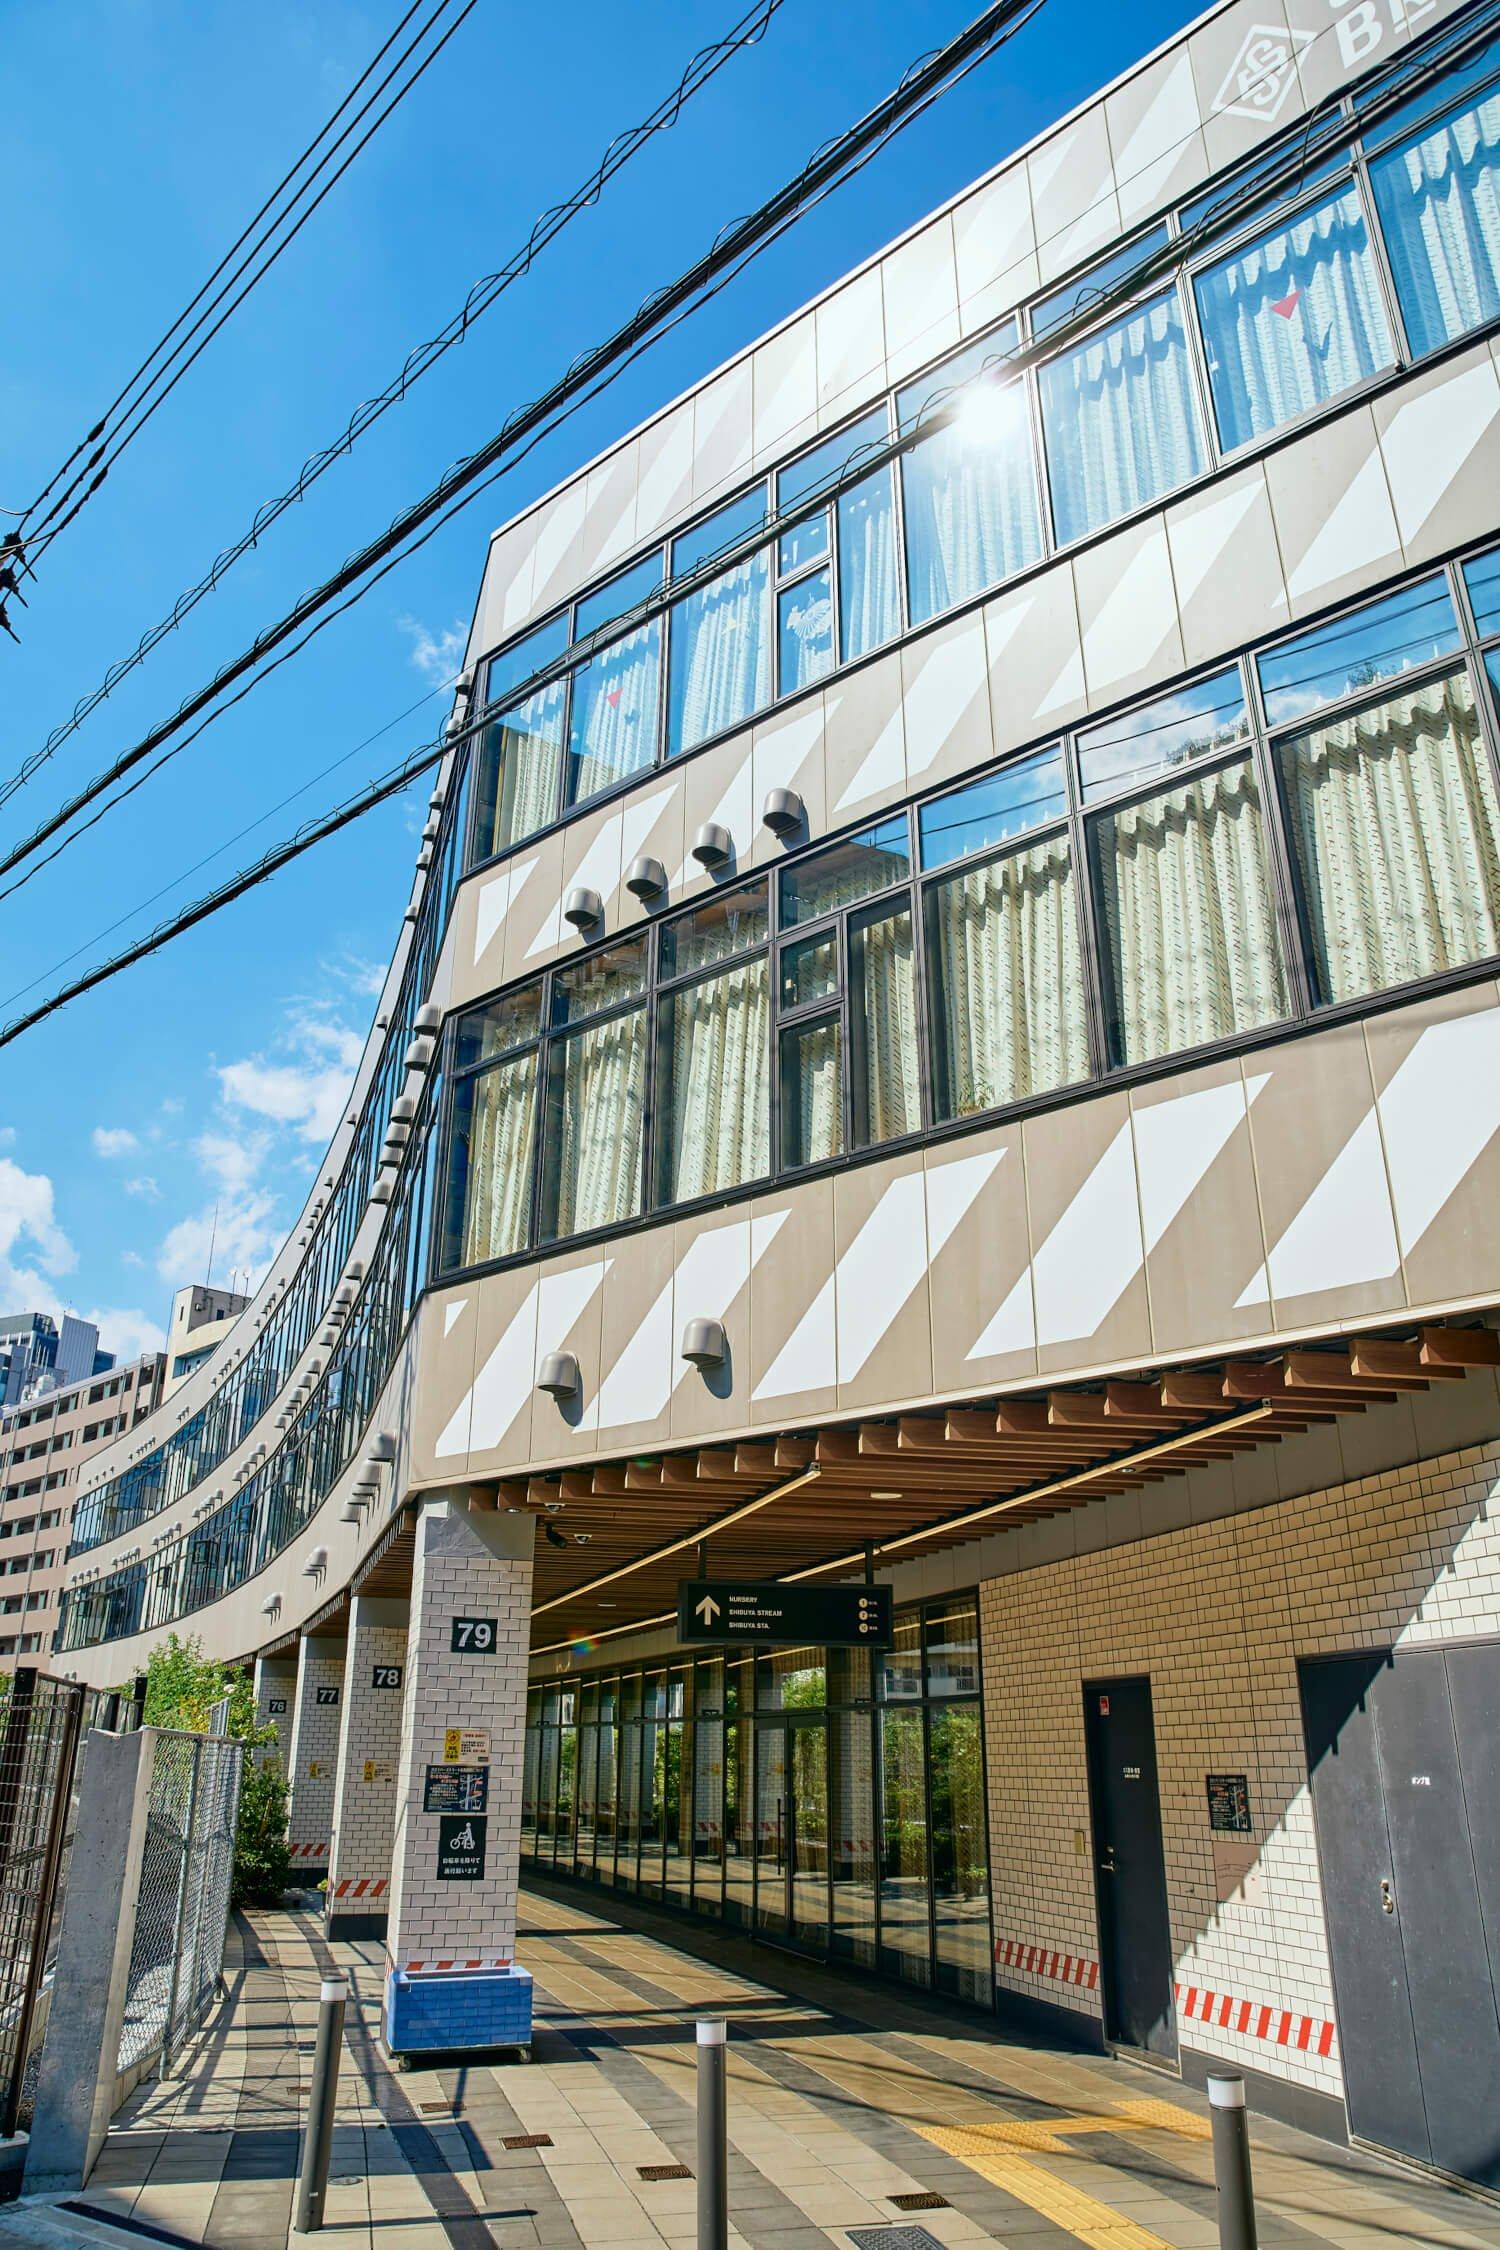 急カーブだった旧東横線の線形を生かし、建物もカーブするデザイン設計。